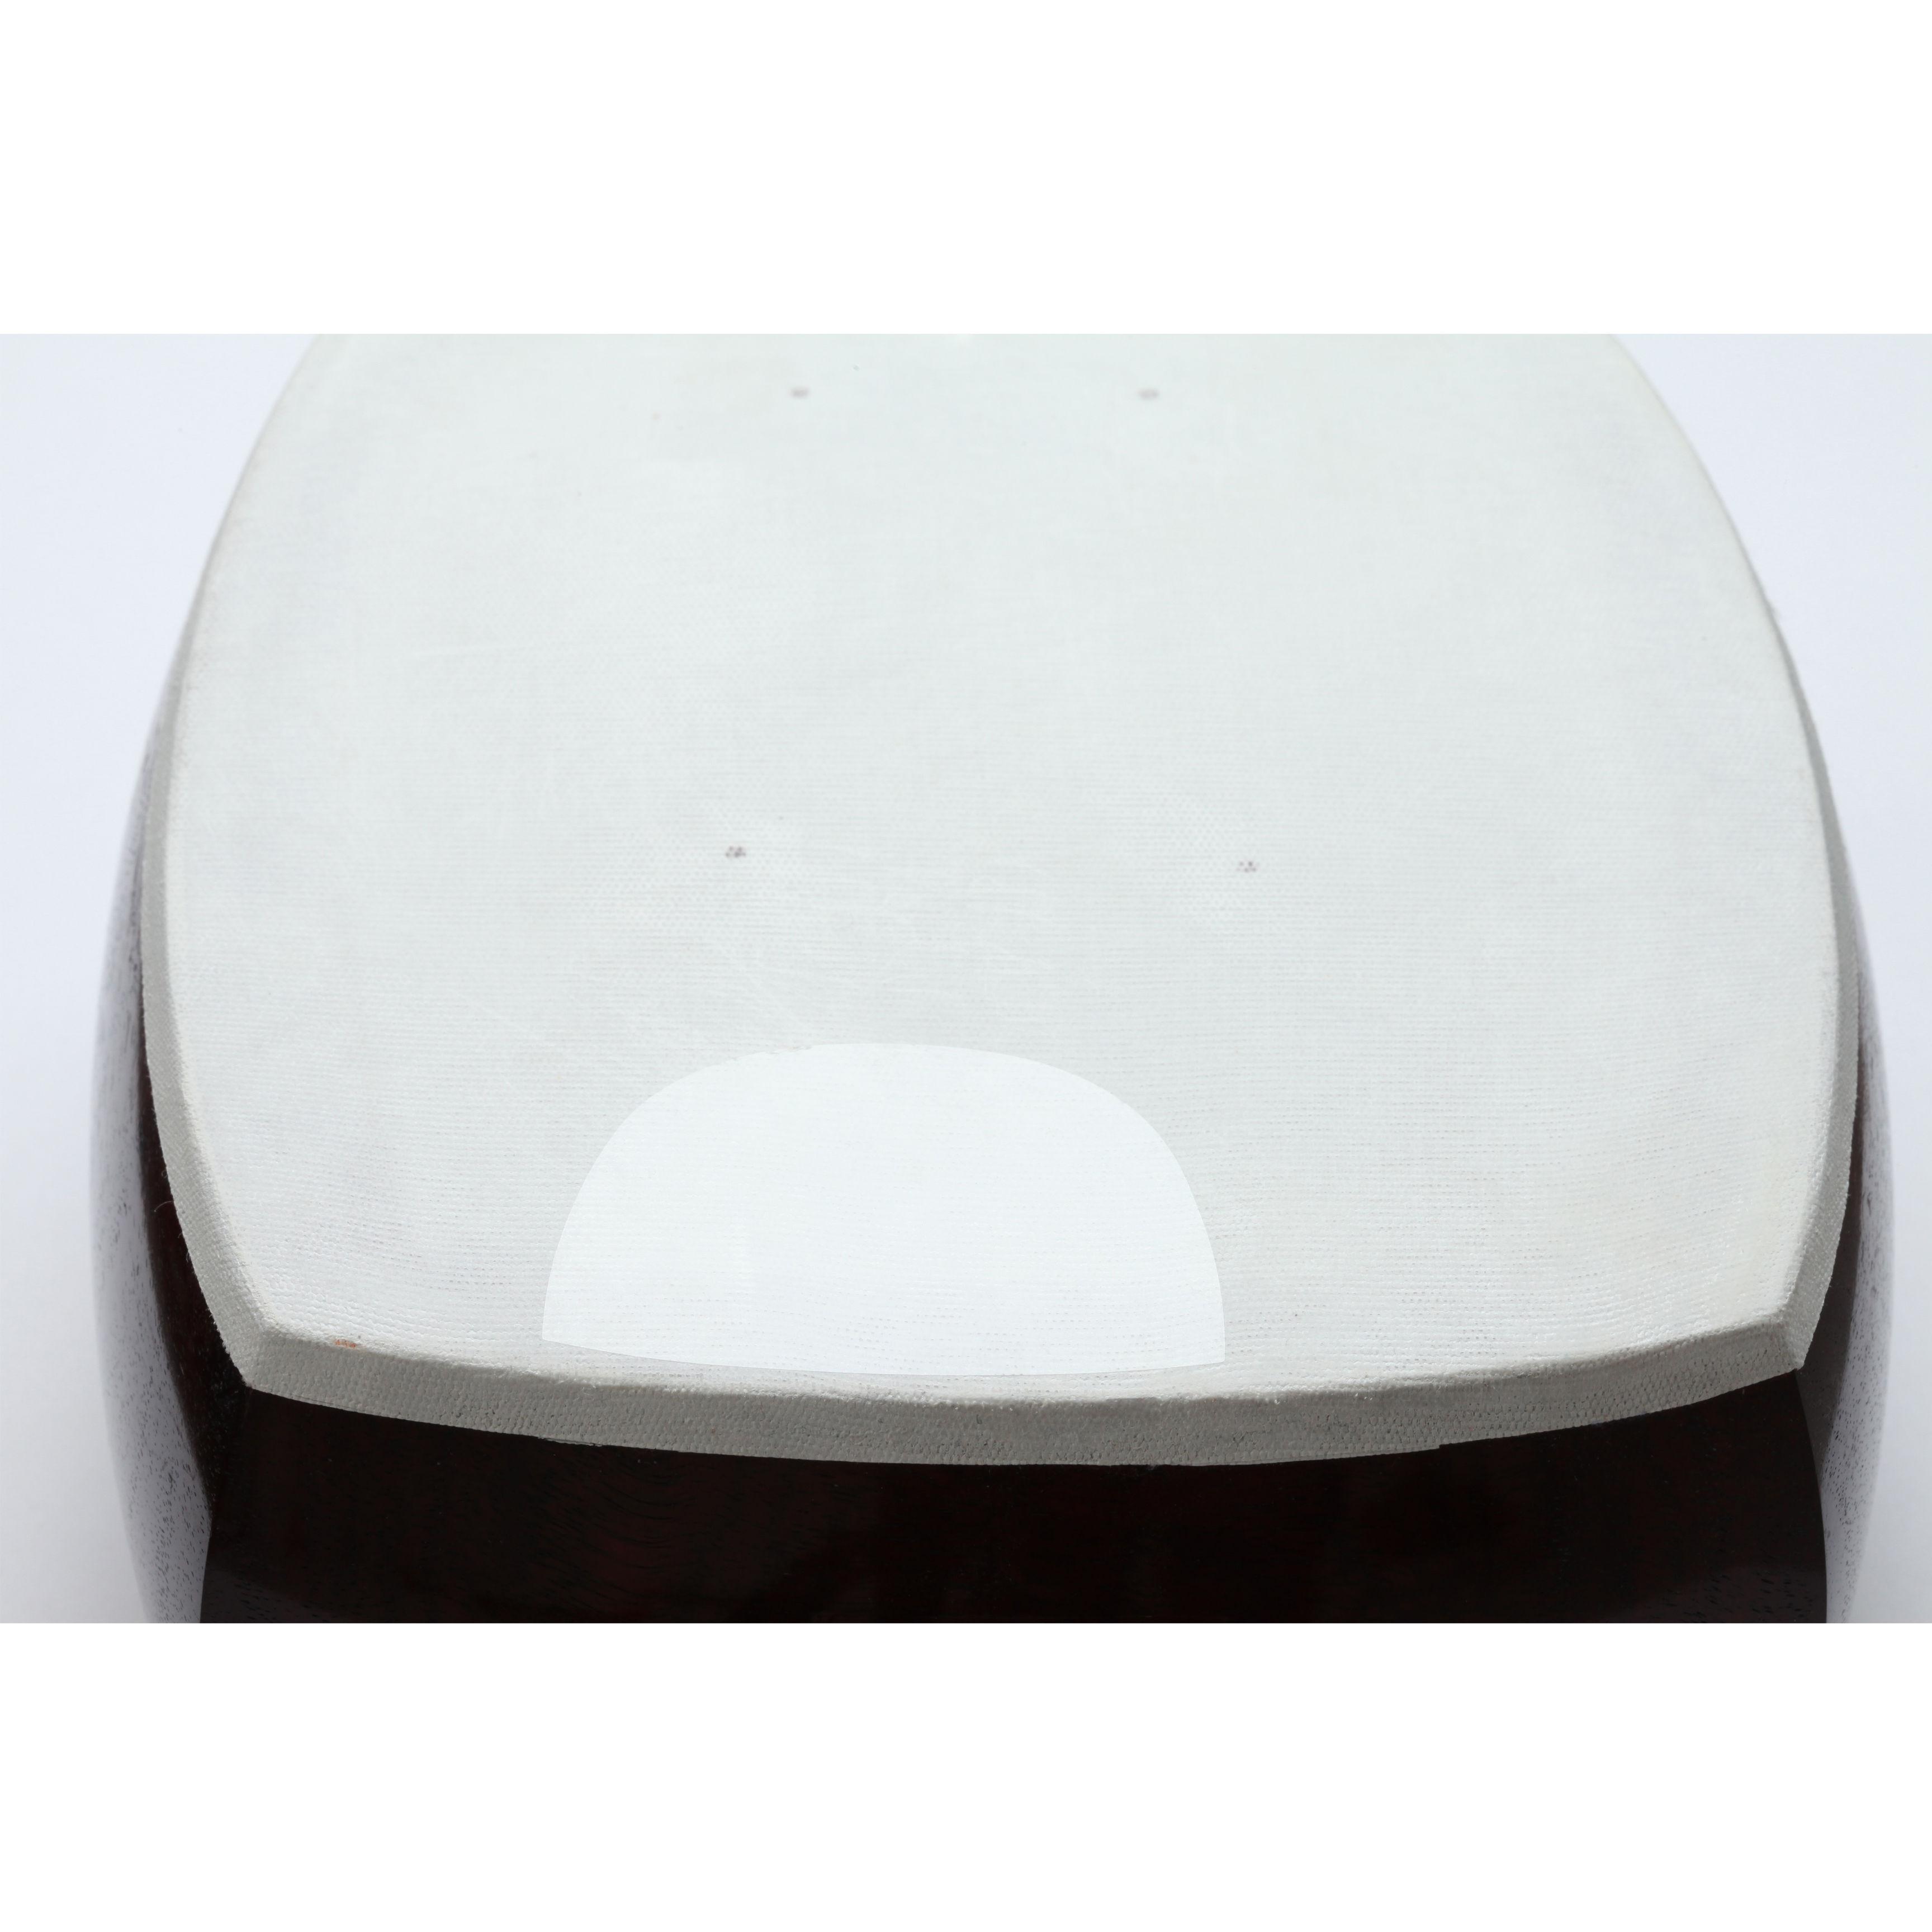 [29080]【長唄】両面 一般用三味線人工皮リプル張り替え